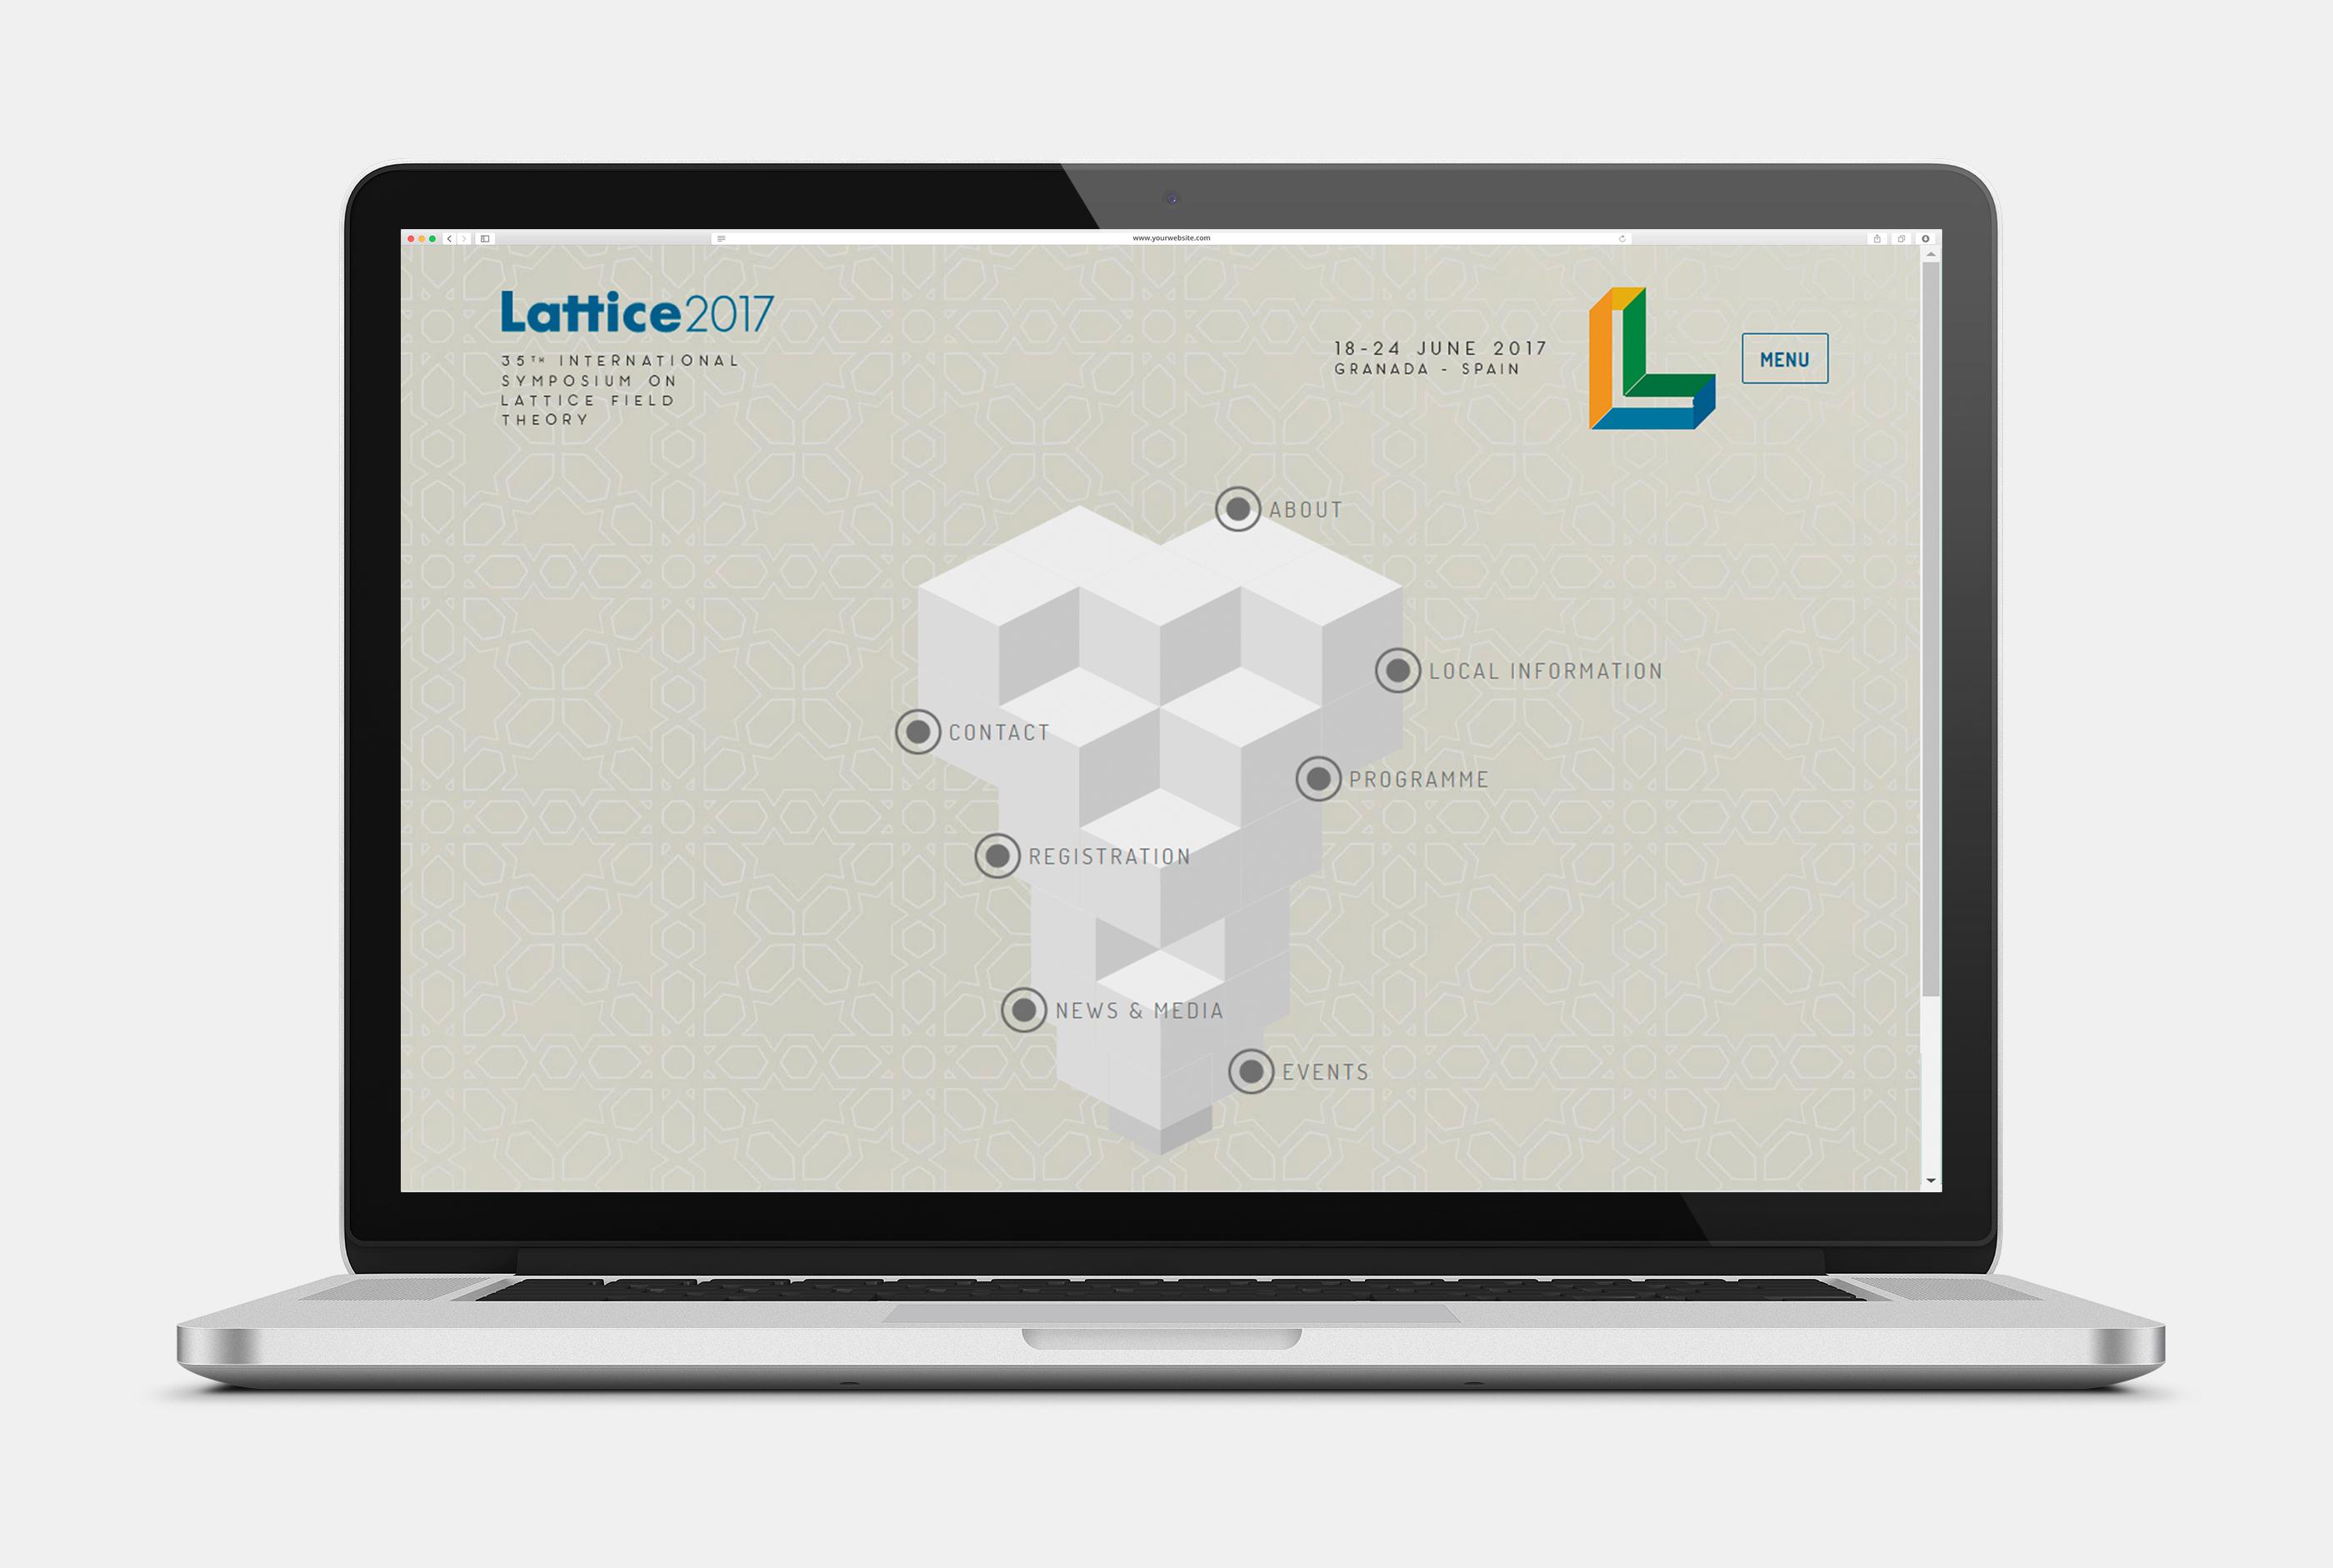 Imagen del congreso Lattice 2017 – Granada - Branding, Gráfico, Web